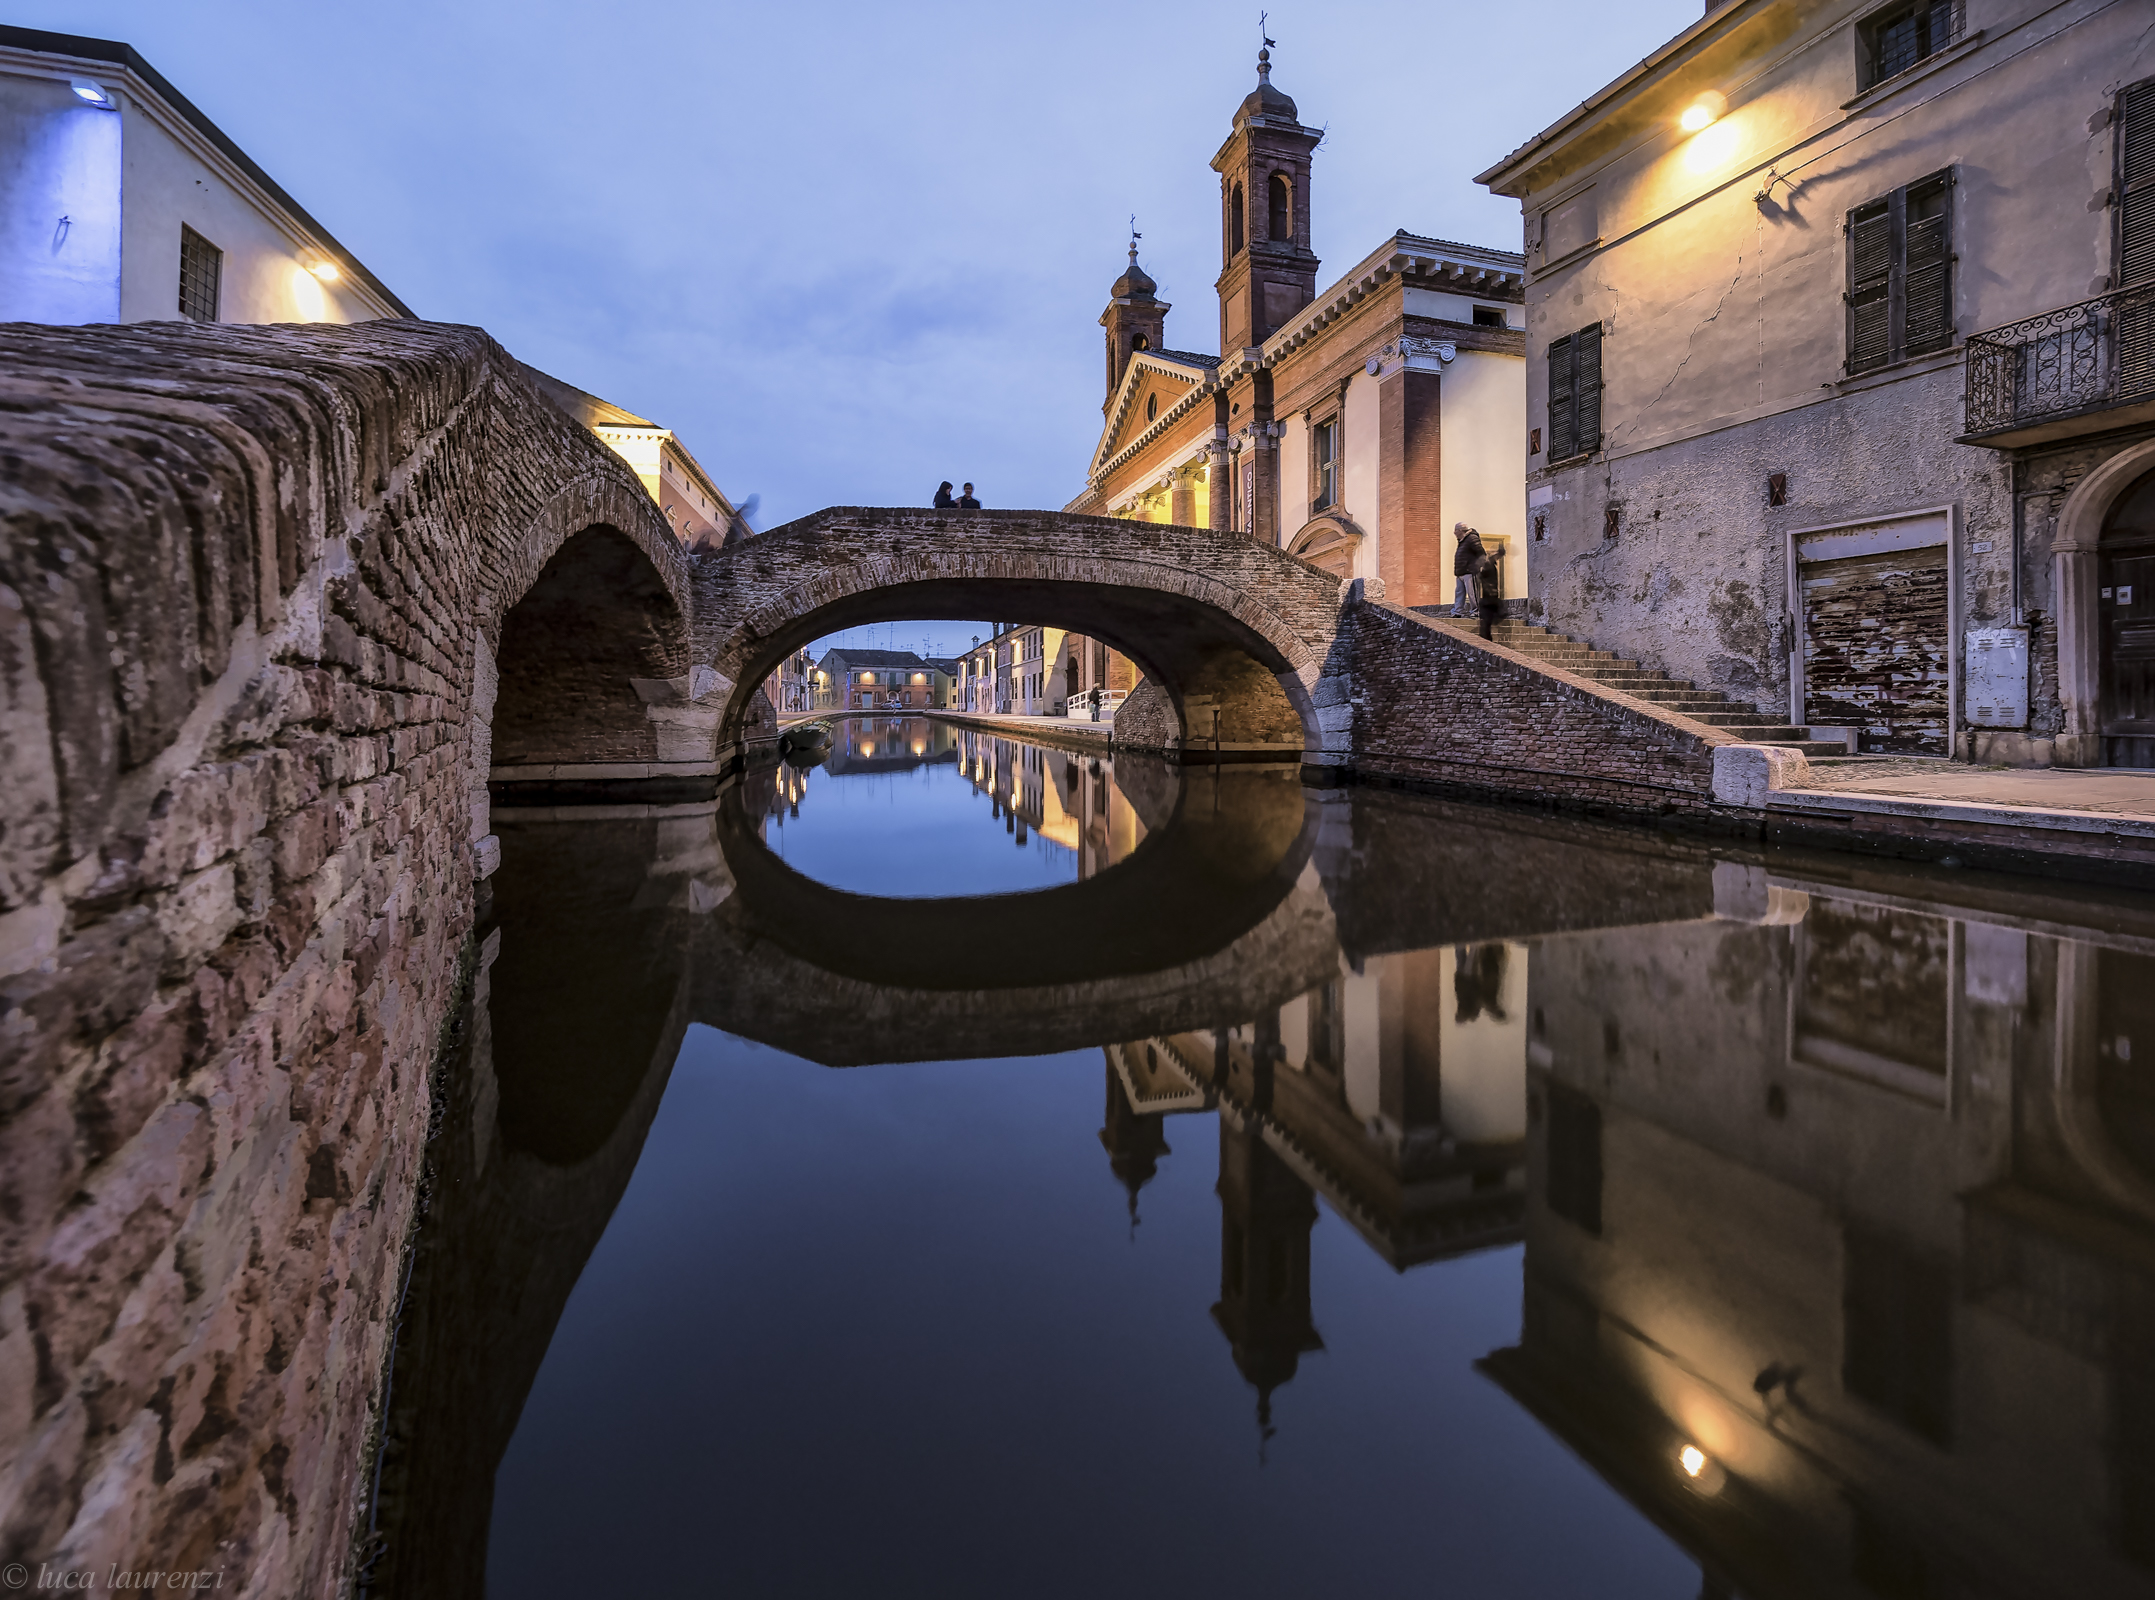 Perspective in Comacchio...